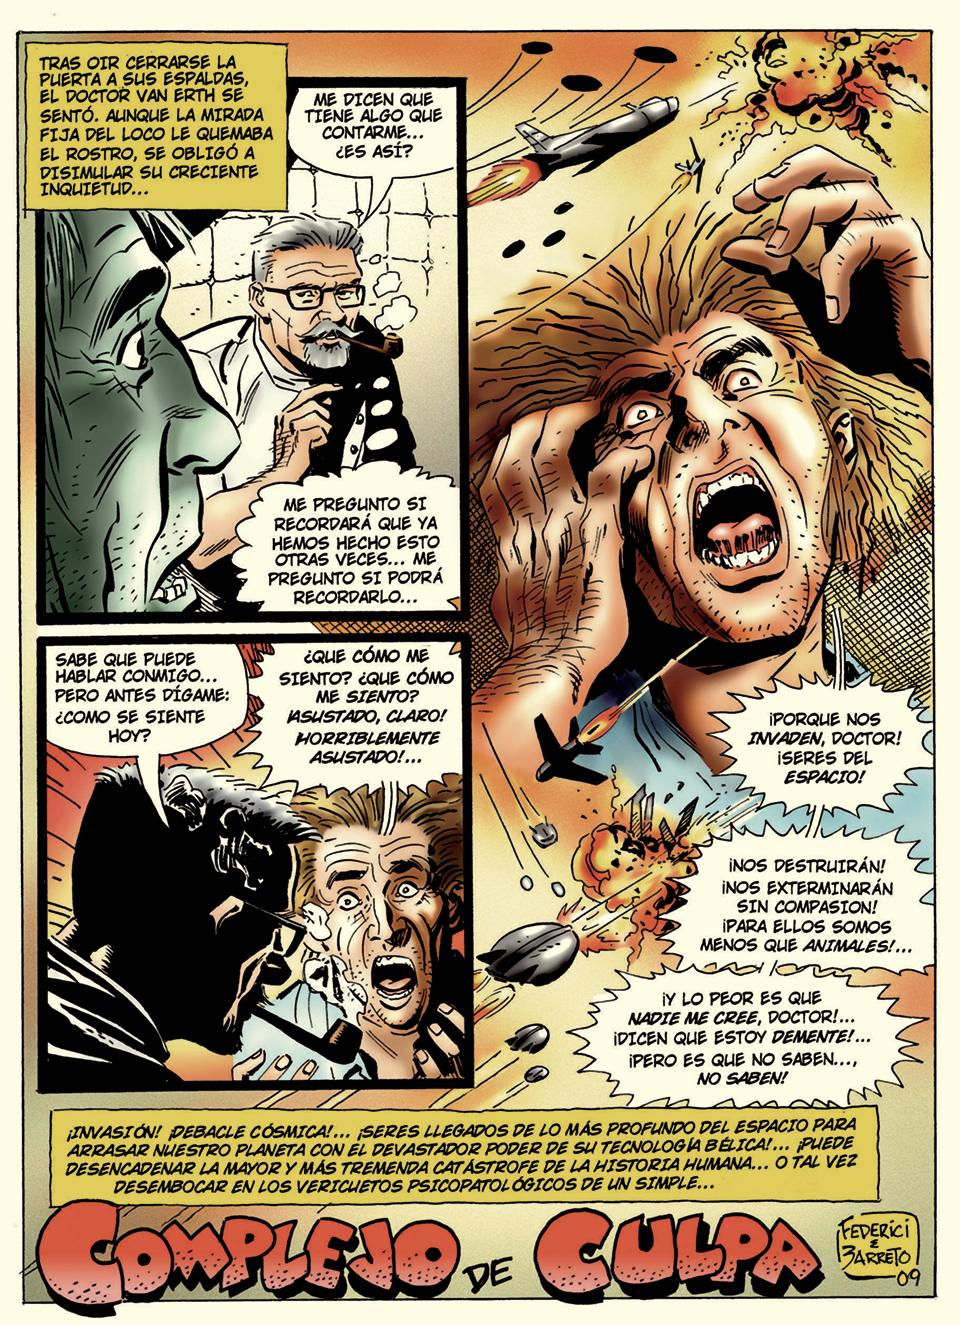 Pagina 1 art by Eduardo Barreto